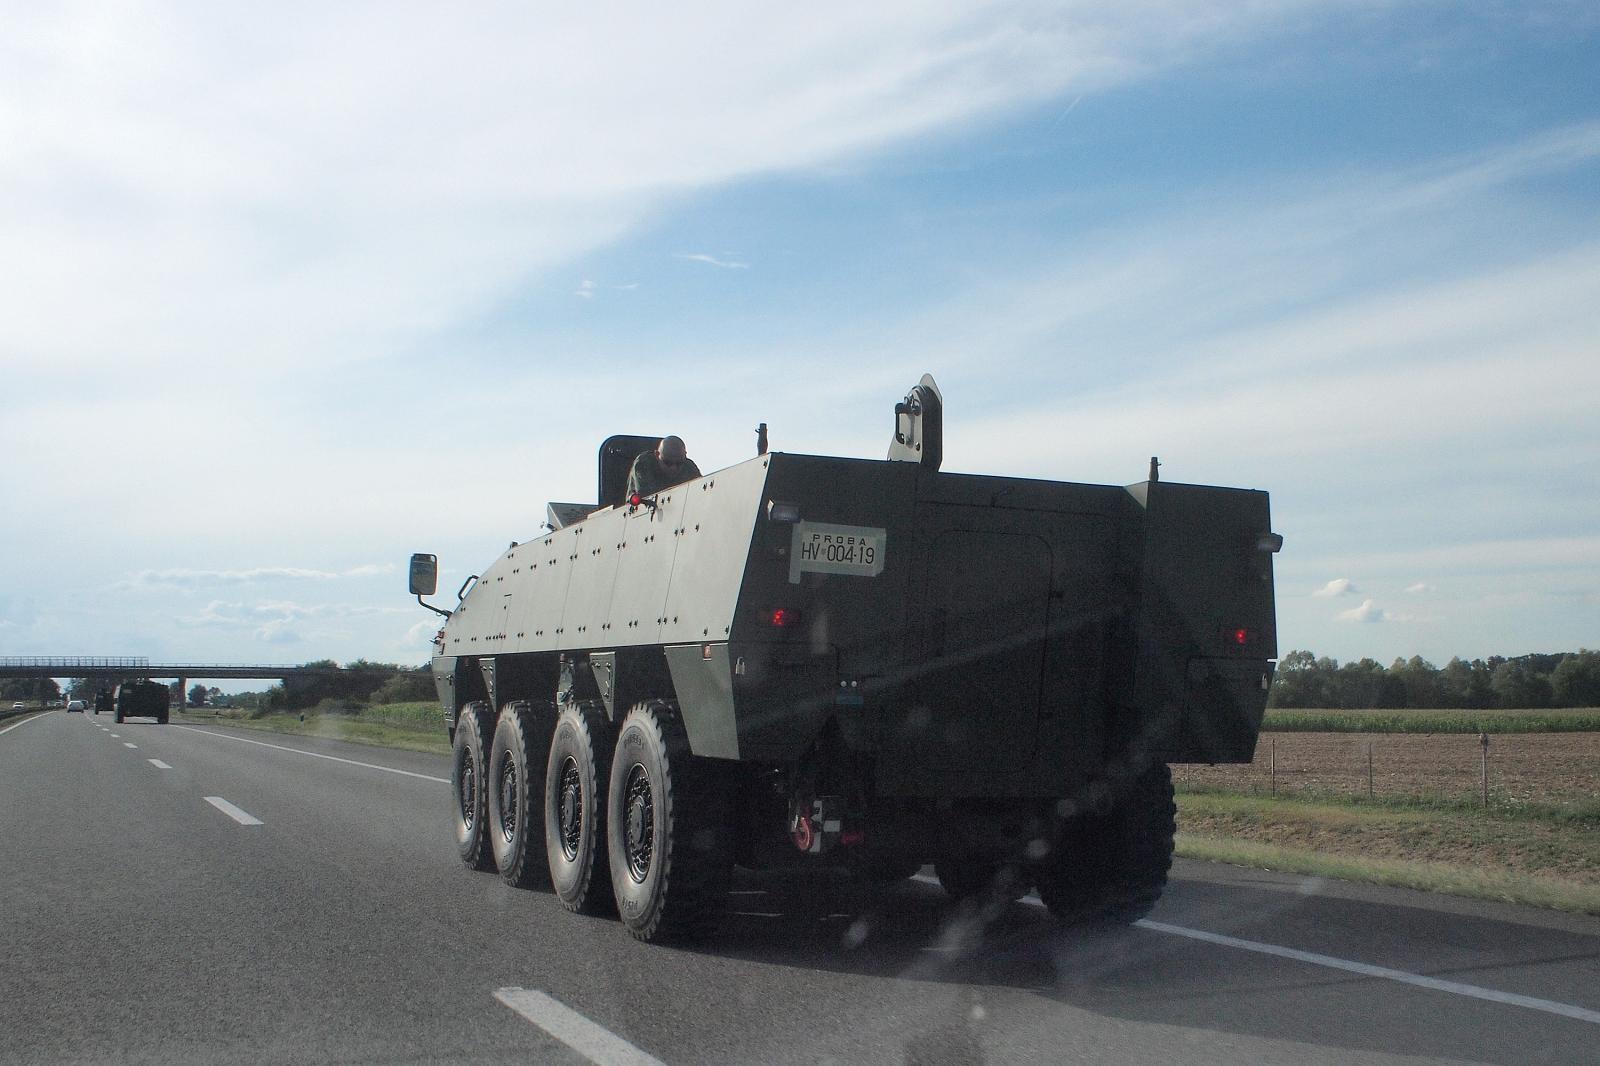 Teška nesreća na autocesti: na vojnog policajca koji je izašao iz vozila naletio kamion i ubio ga